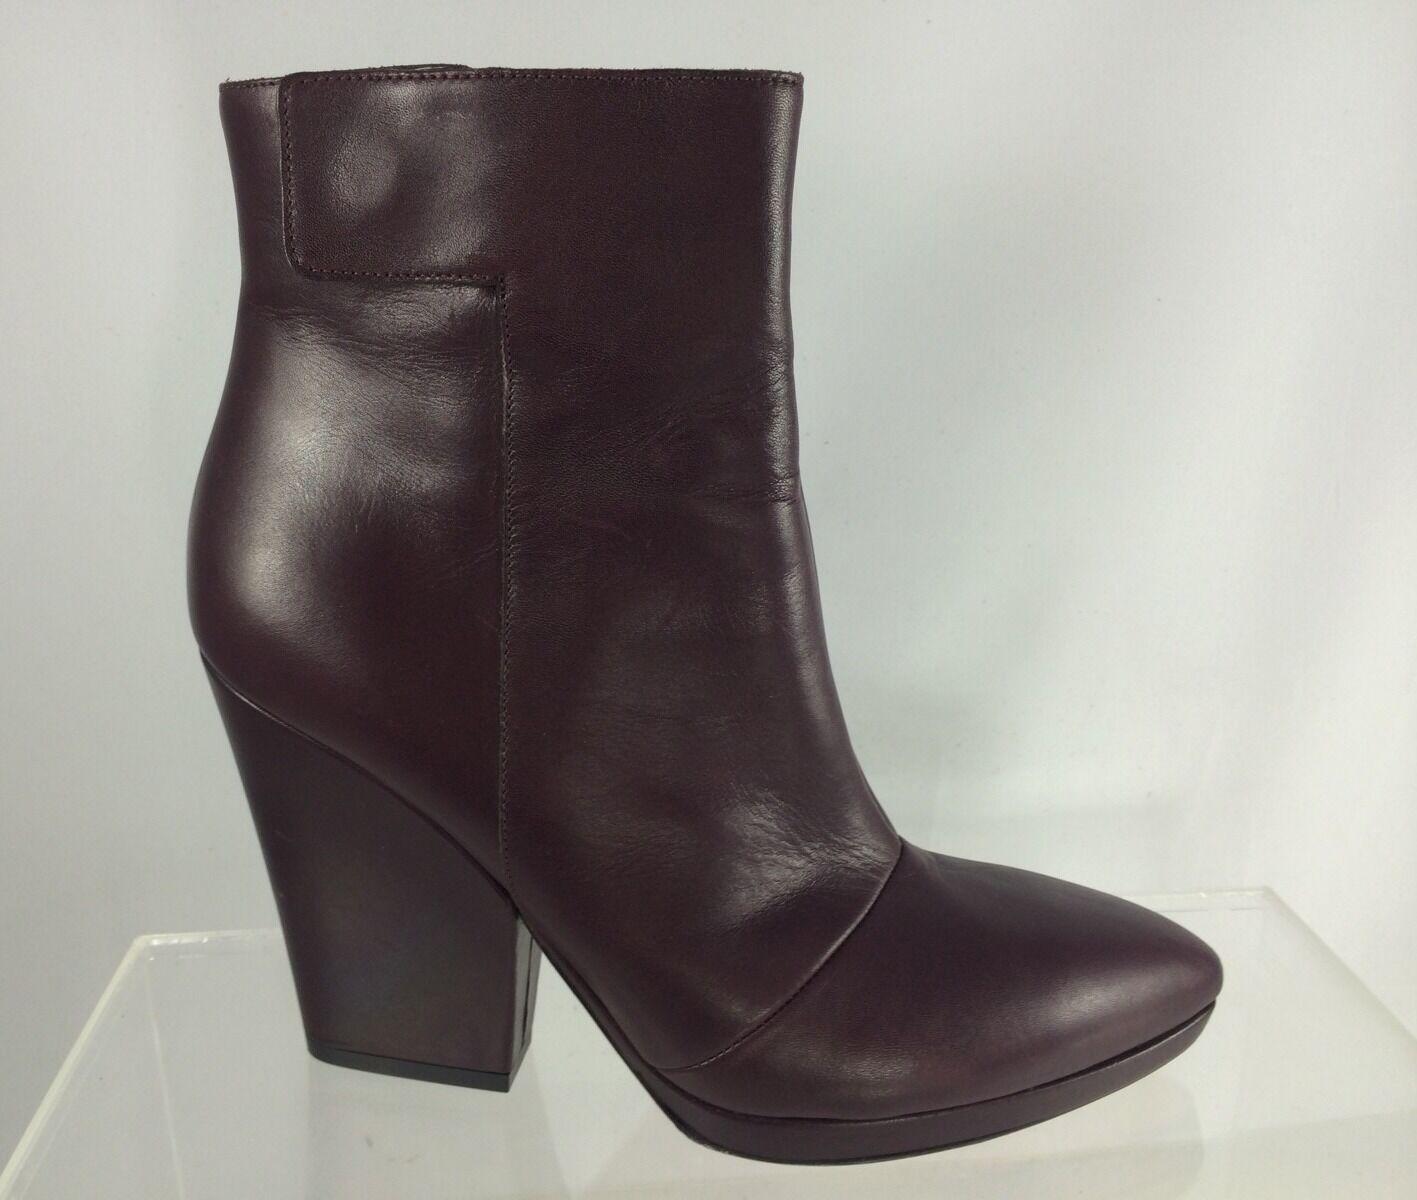 550 Vince Luisa Maroon Brown Leather Split Wedge Pointed-Toe Womens Booties 7.5